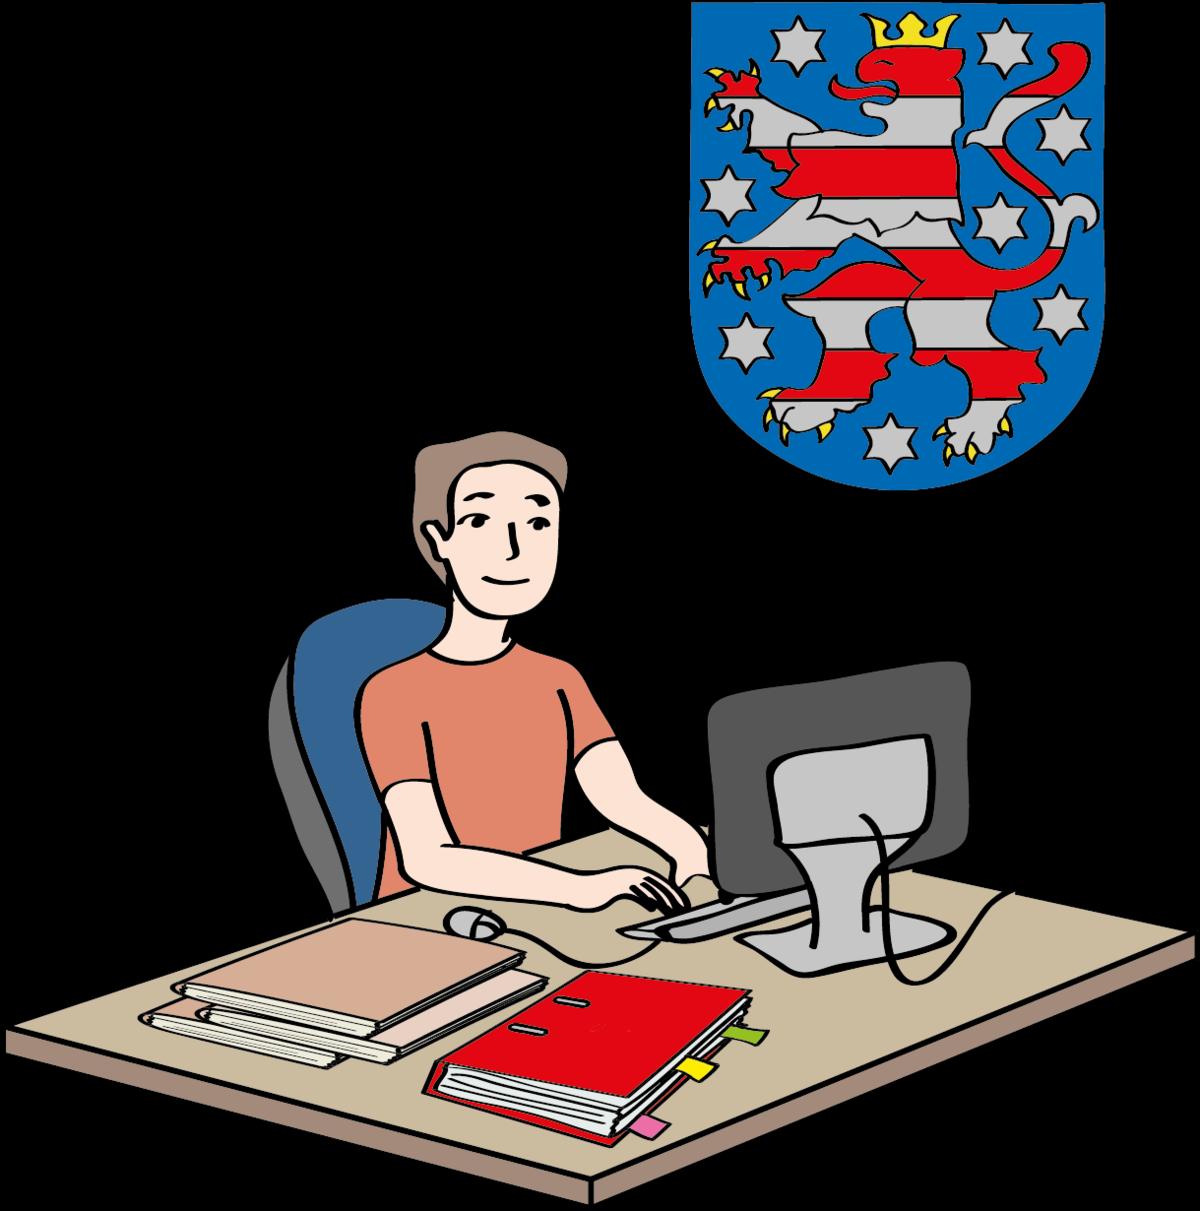 gezeichneter Mann, der an einem Schreibtisch an einem Computer sitzt. Im Hintergrund das Thüringer Wappen